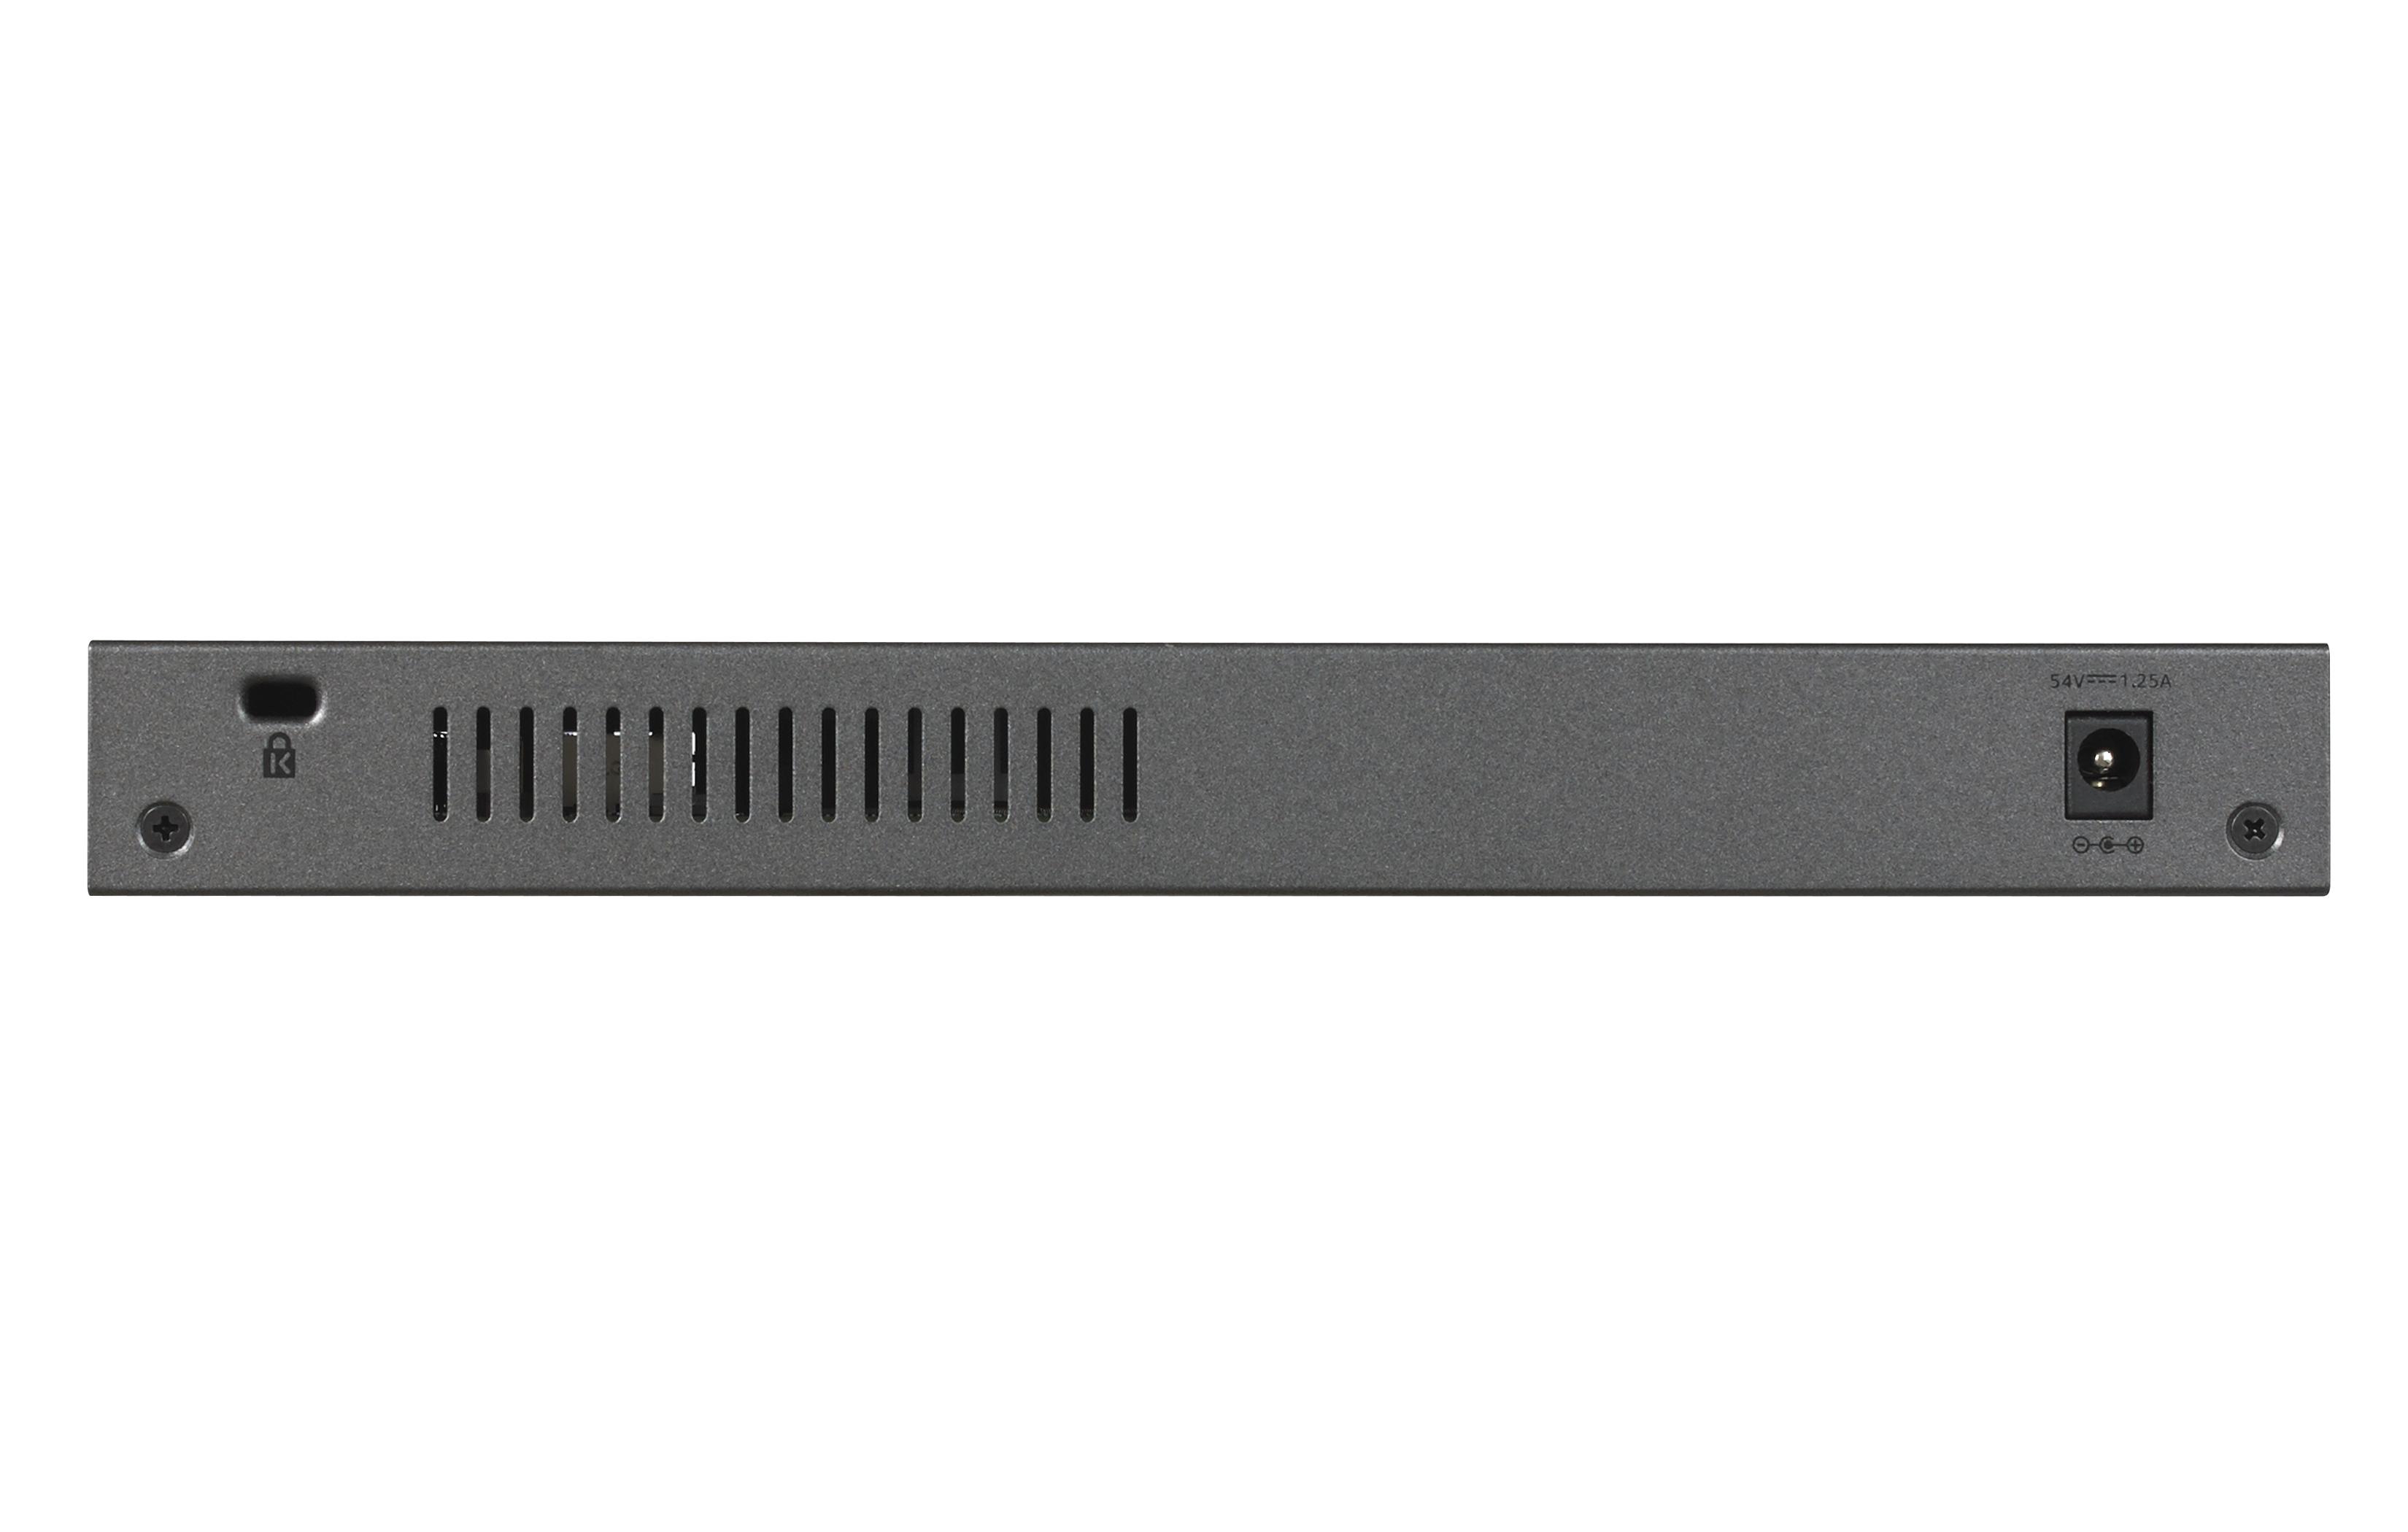 Netgear gs110tpv3 8port POE smart managed pro switch netgear pro, 8 x 10/100/1000 (poe) + 2x SFP, desktop, wandbevestiging, POE (55 w)